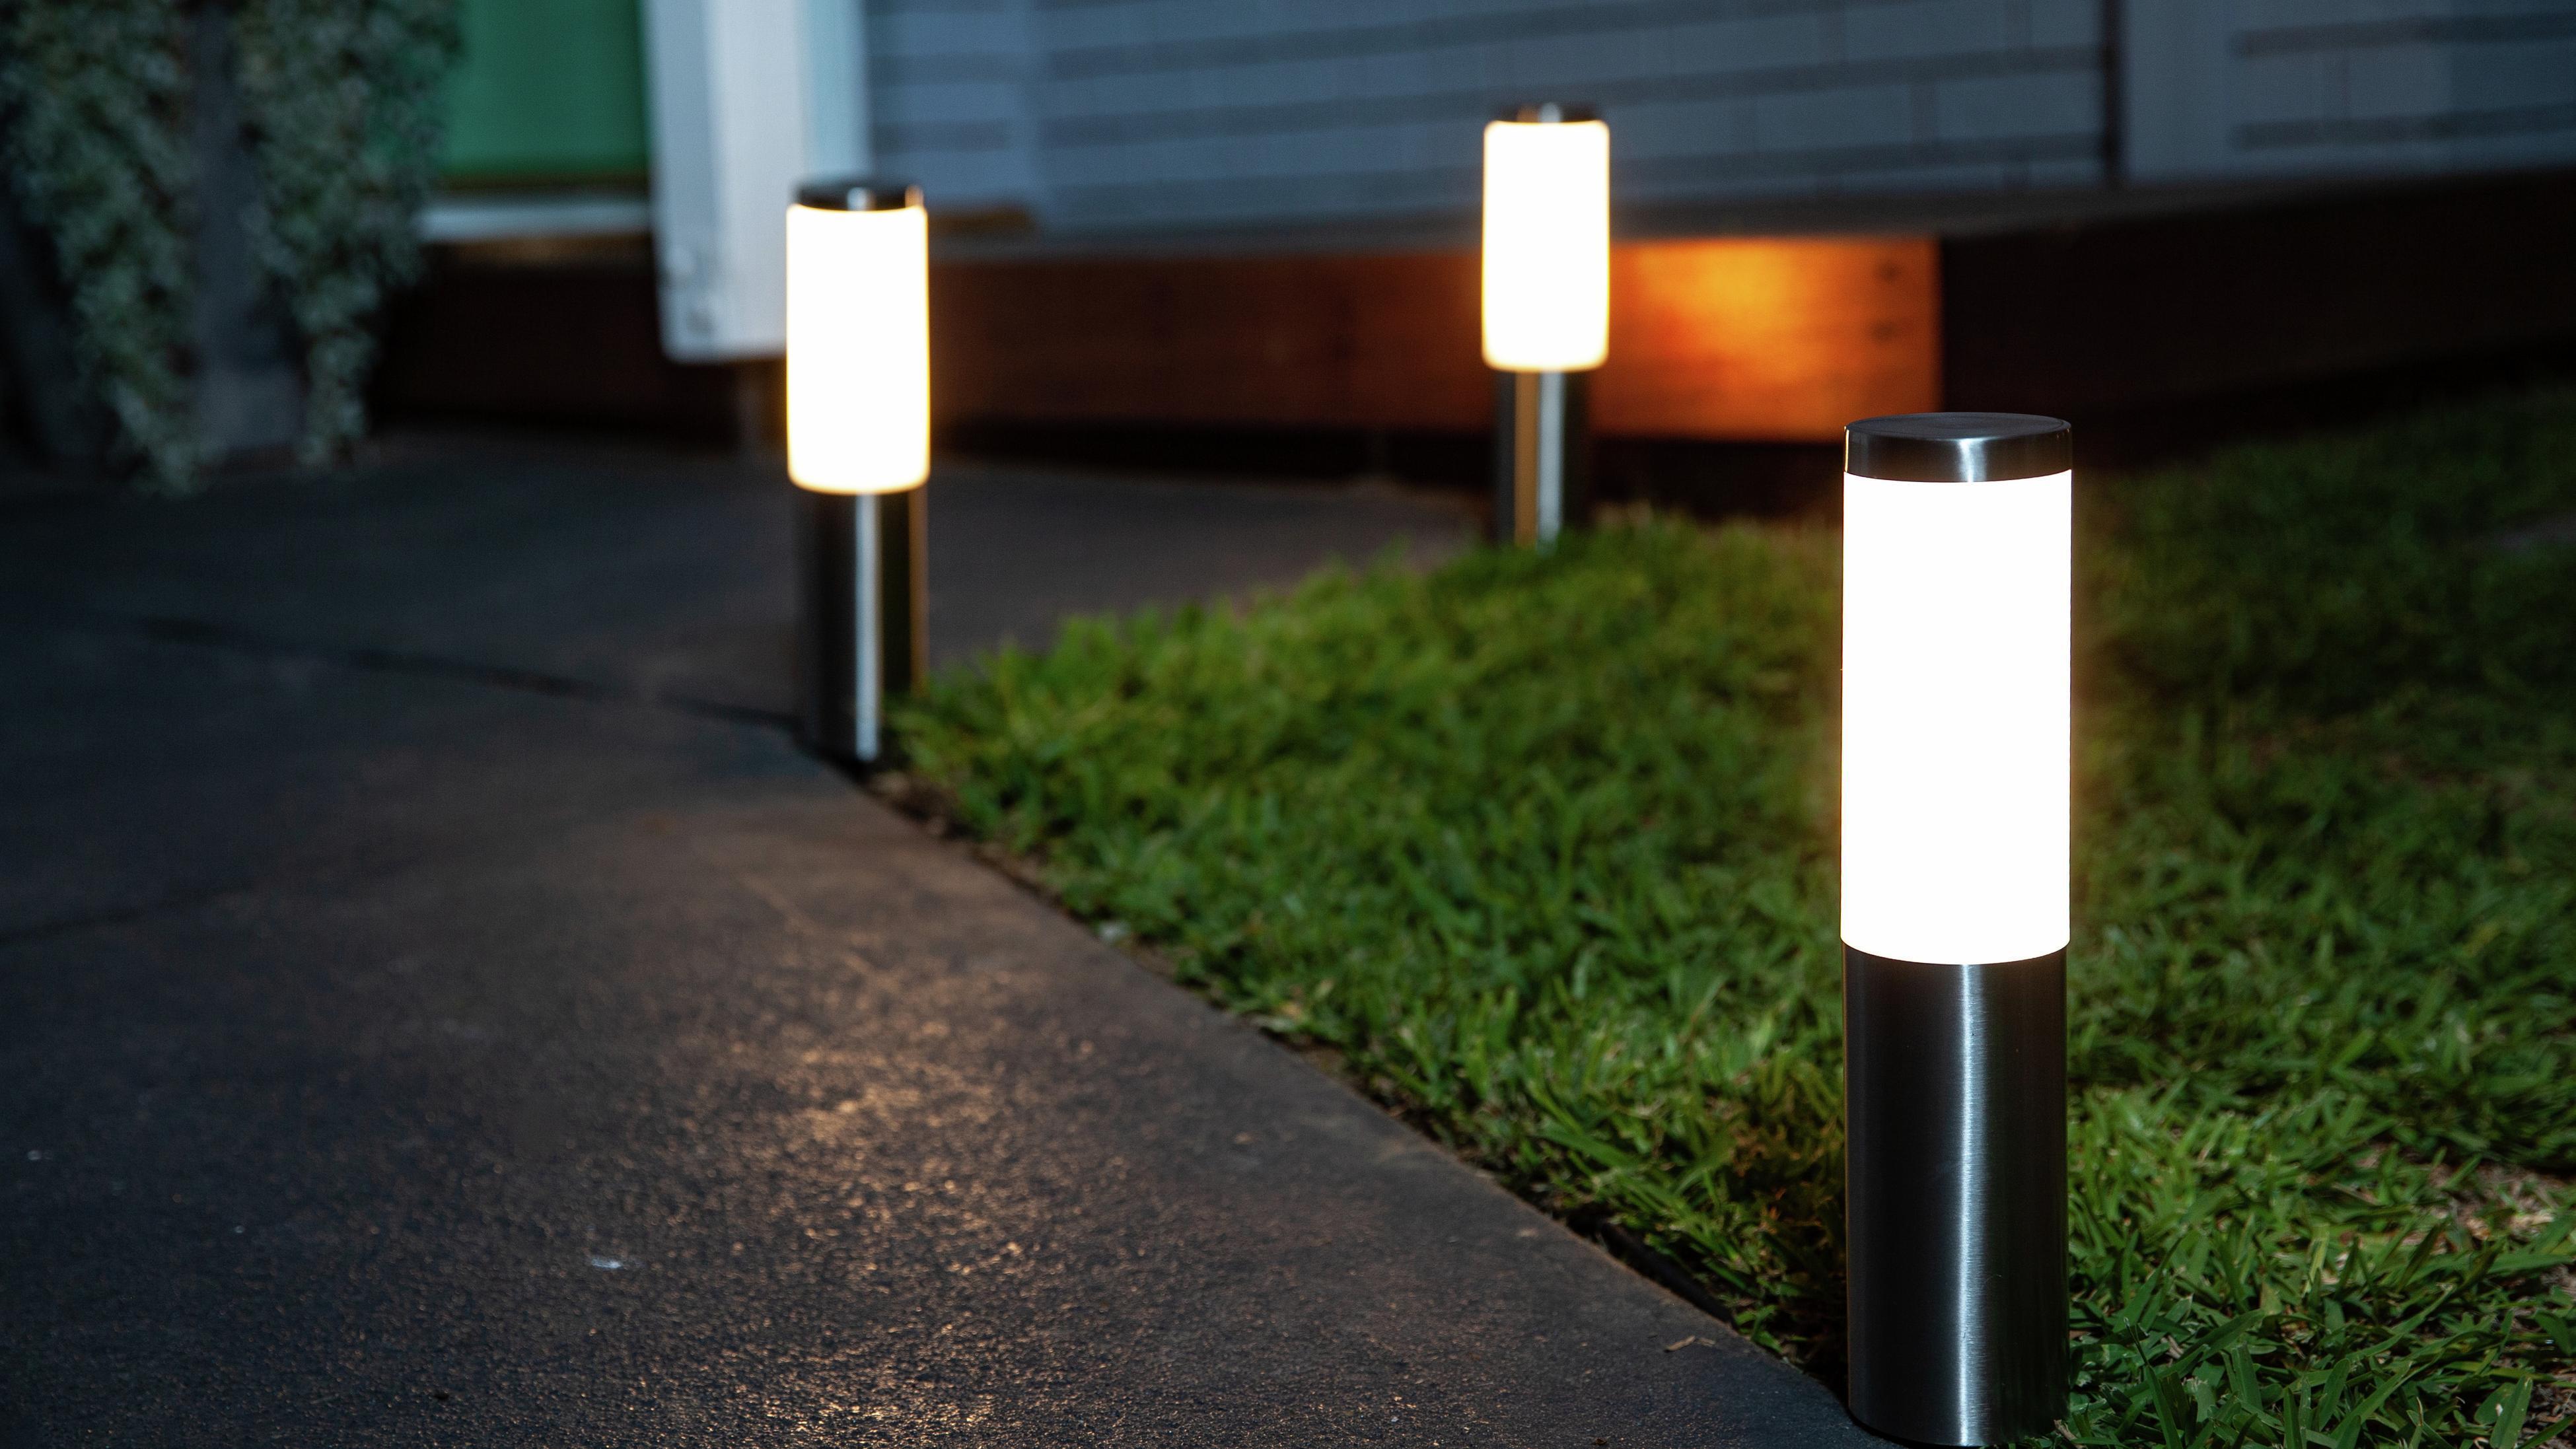 Garden lights along path.